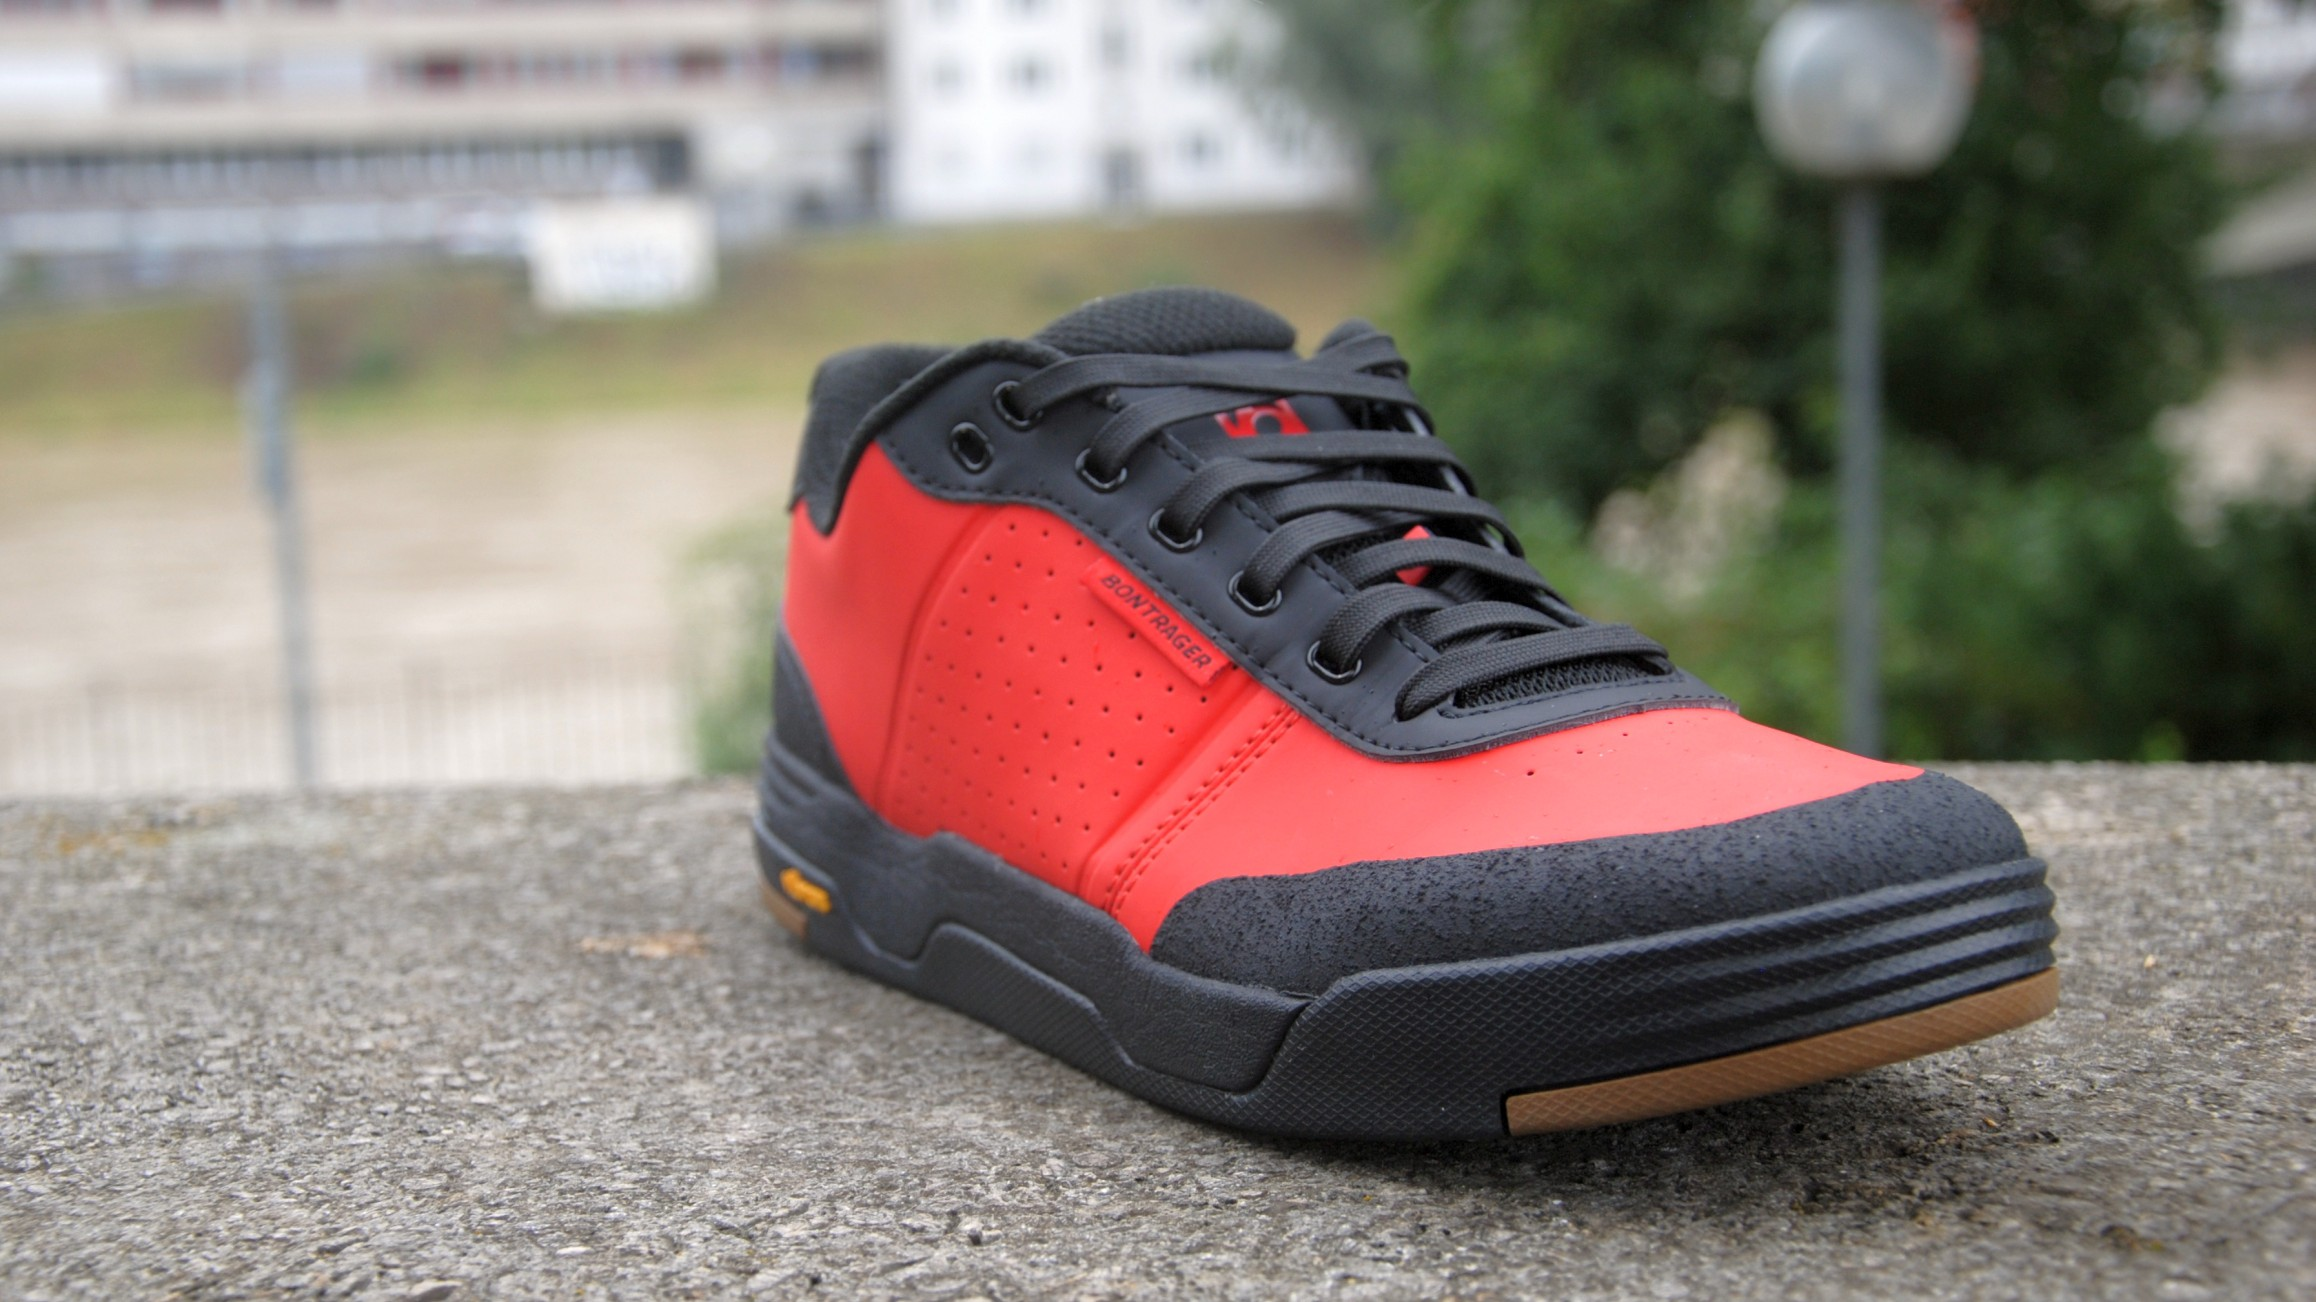 Robust anmutender Schuh für Flatpedals. Der Flatline kommt mit Vibram-Sohle für guten Halt auf Pedal und Trail, dämpfender EVA-Mittelsohle, Ortholite-Fußbett und Obermaterial aus synthetischem Leder. In Viper Red oder Black und in ganzen Größen von EU 39 bis 48 für ? 119,99.